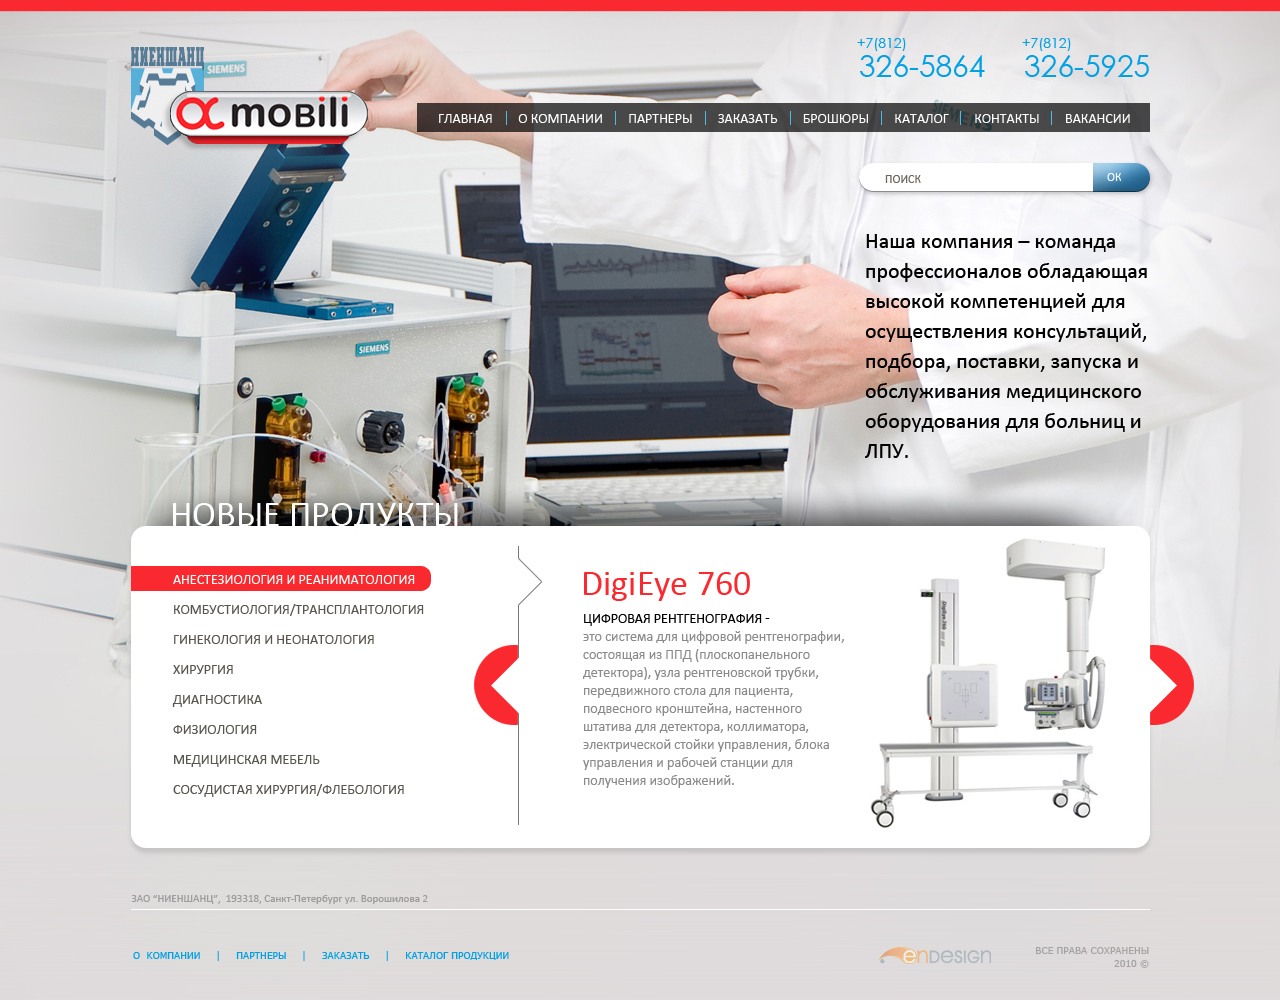 Дизайн сайта компнии a-mobili — медицинское обрудование